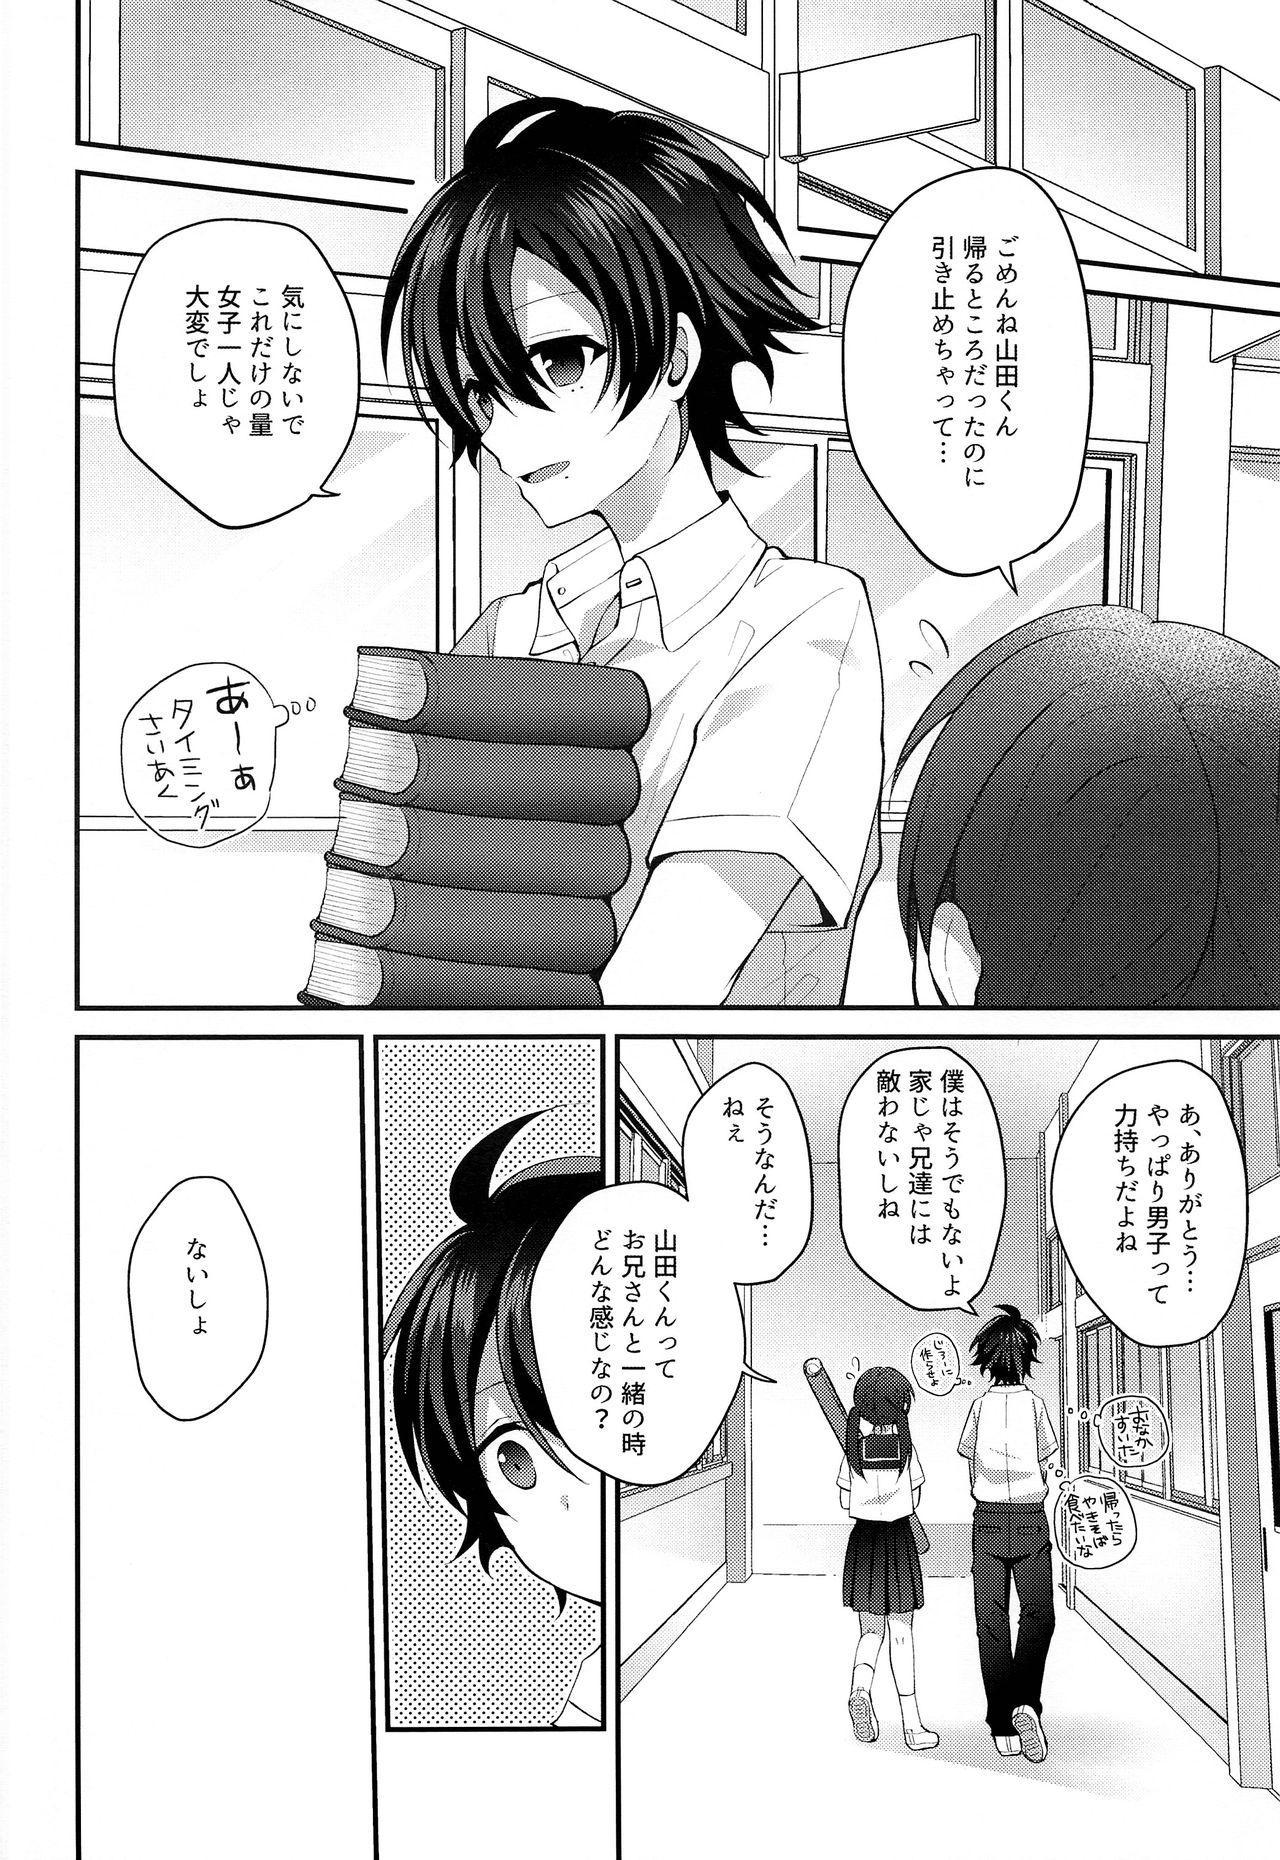 Boku no Gukei o Shoukai Shimasu 14